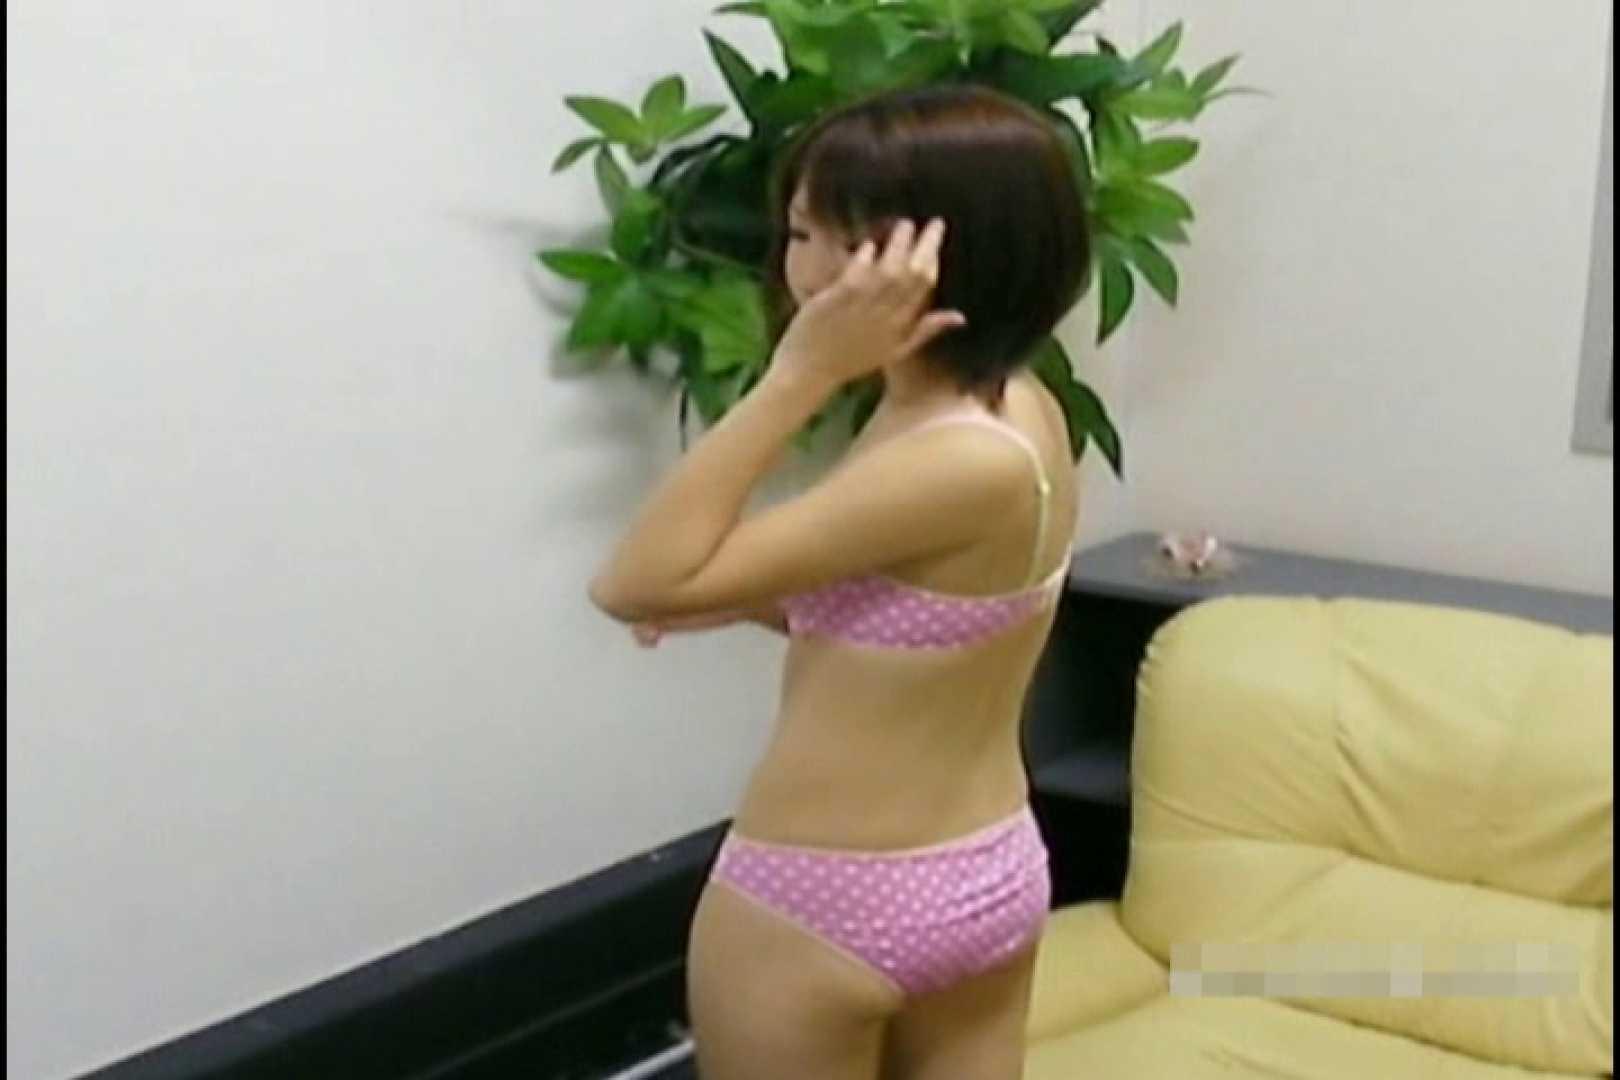 素人撮影 下着だけの撮影のはずが・・・れみ18歳 おっぱい  94連発 81